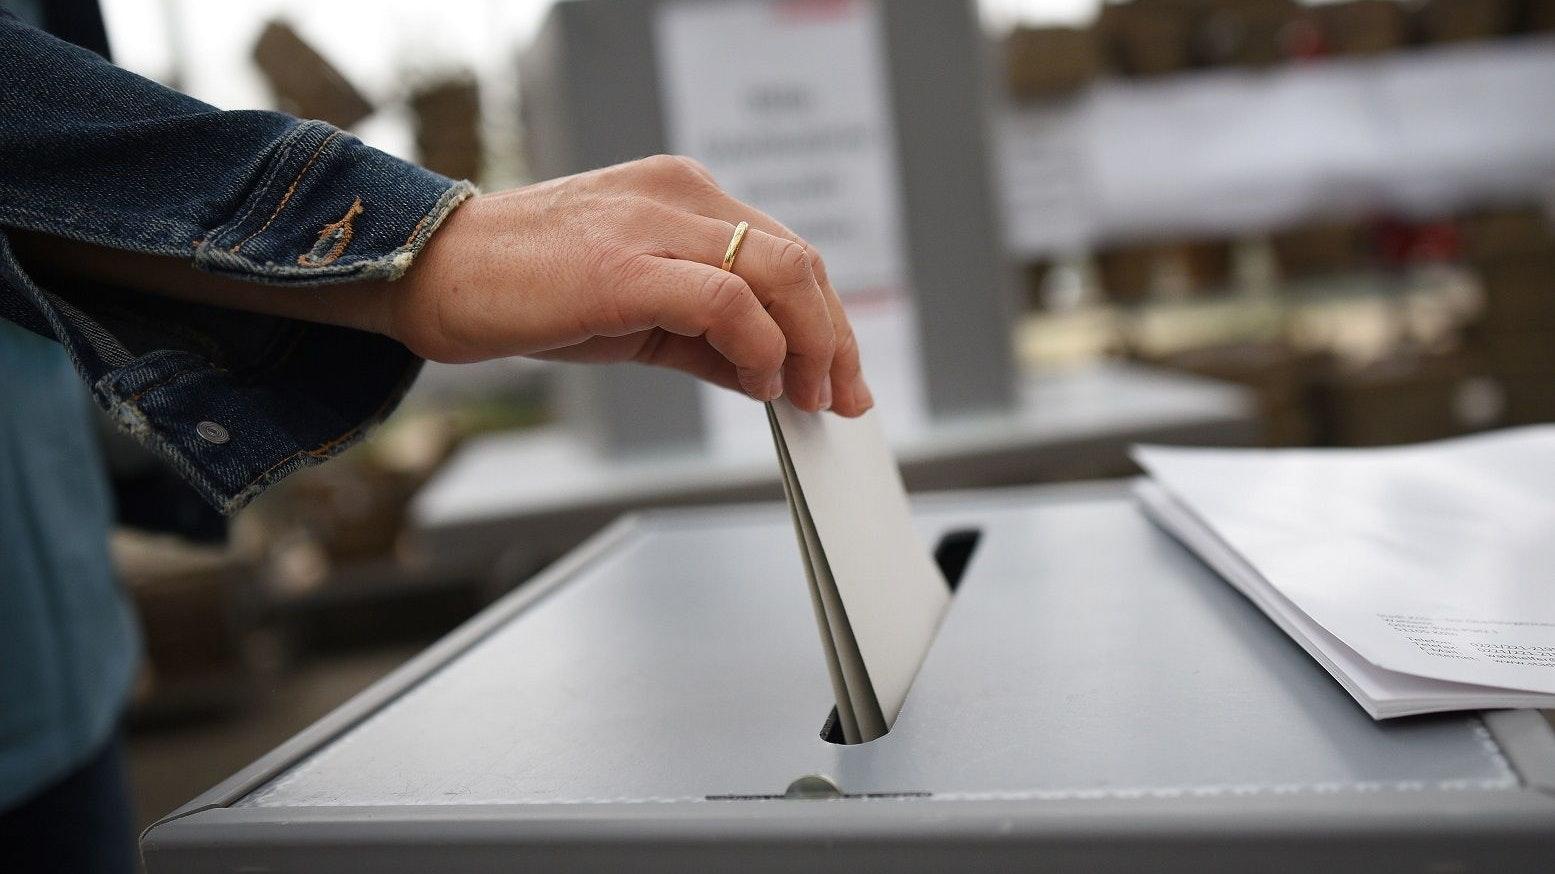 2021 muss ein neuer Landrat im Landkreis Vechta gewählt werden. Symbolfoto: dpa